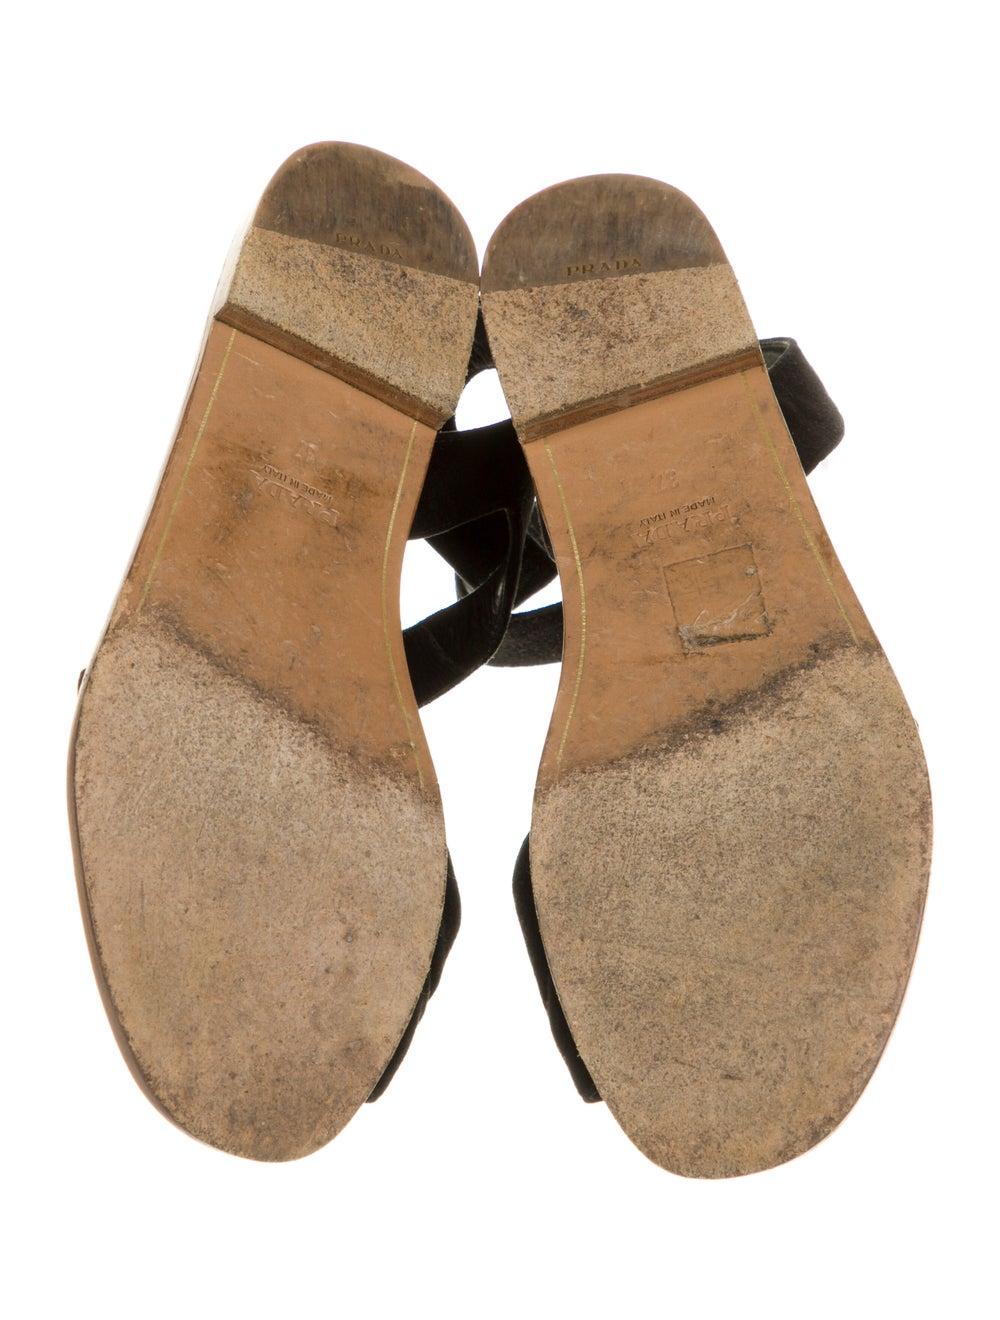 Prada Suede Sandals Black - image 5